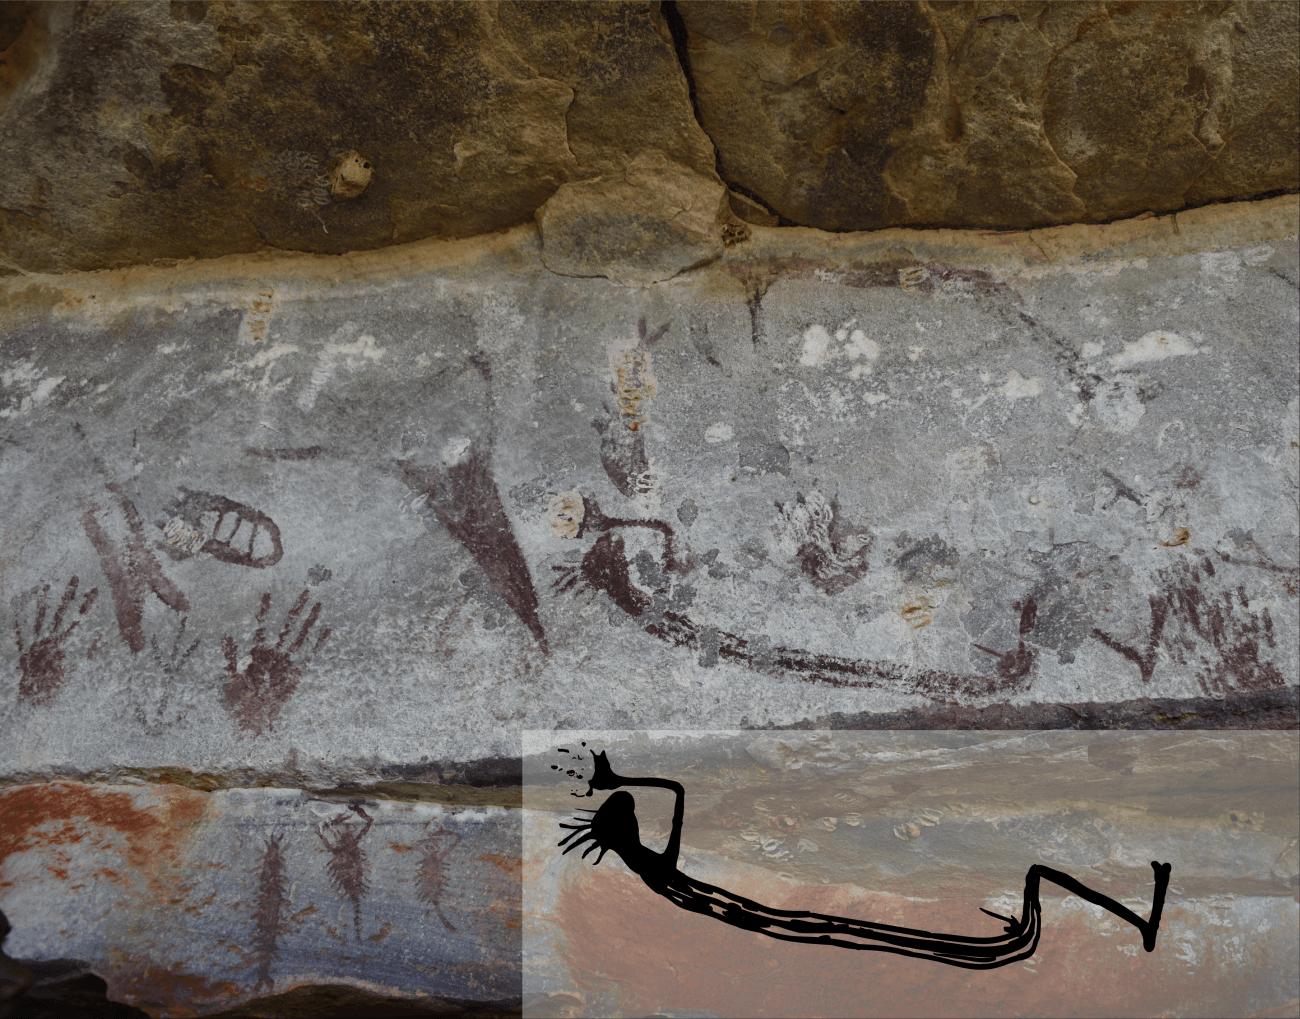 Representación de una figura humana. El nido de avispas de la parte superior izquierda ha permitido datar la pintura, que tiene más de 9.000 años. / Pauline Heaney y Damien Finch